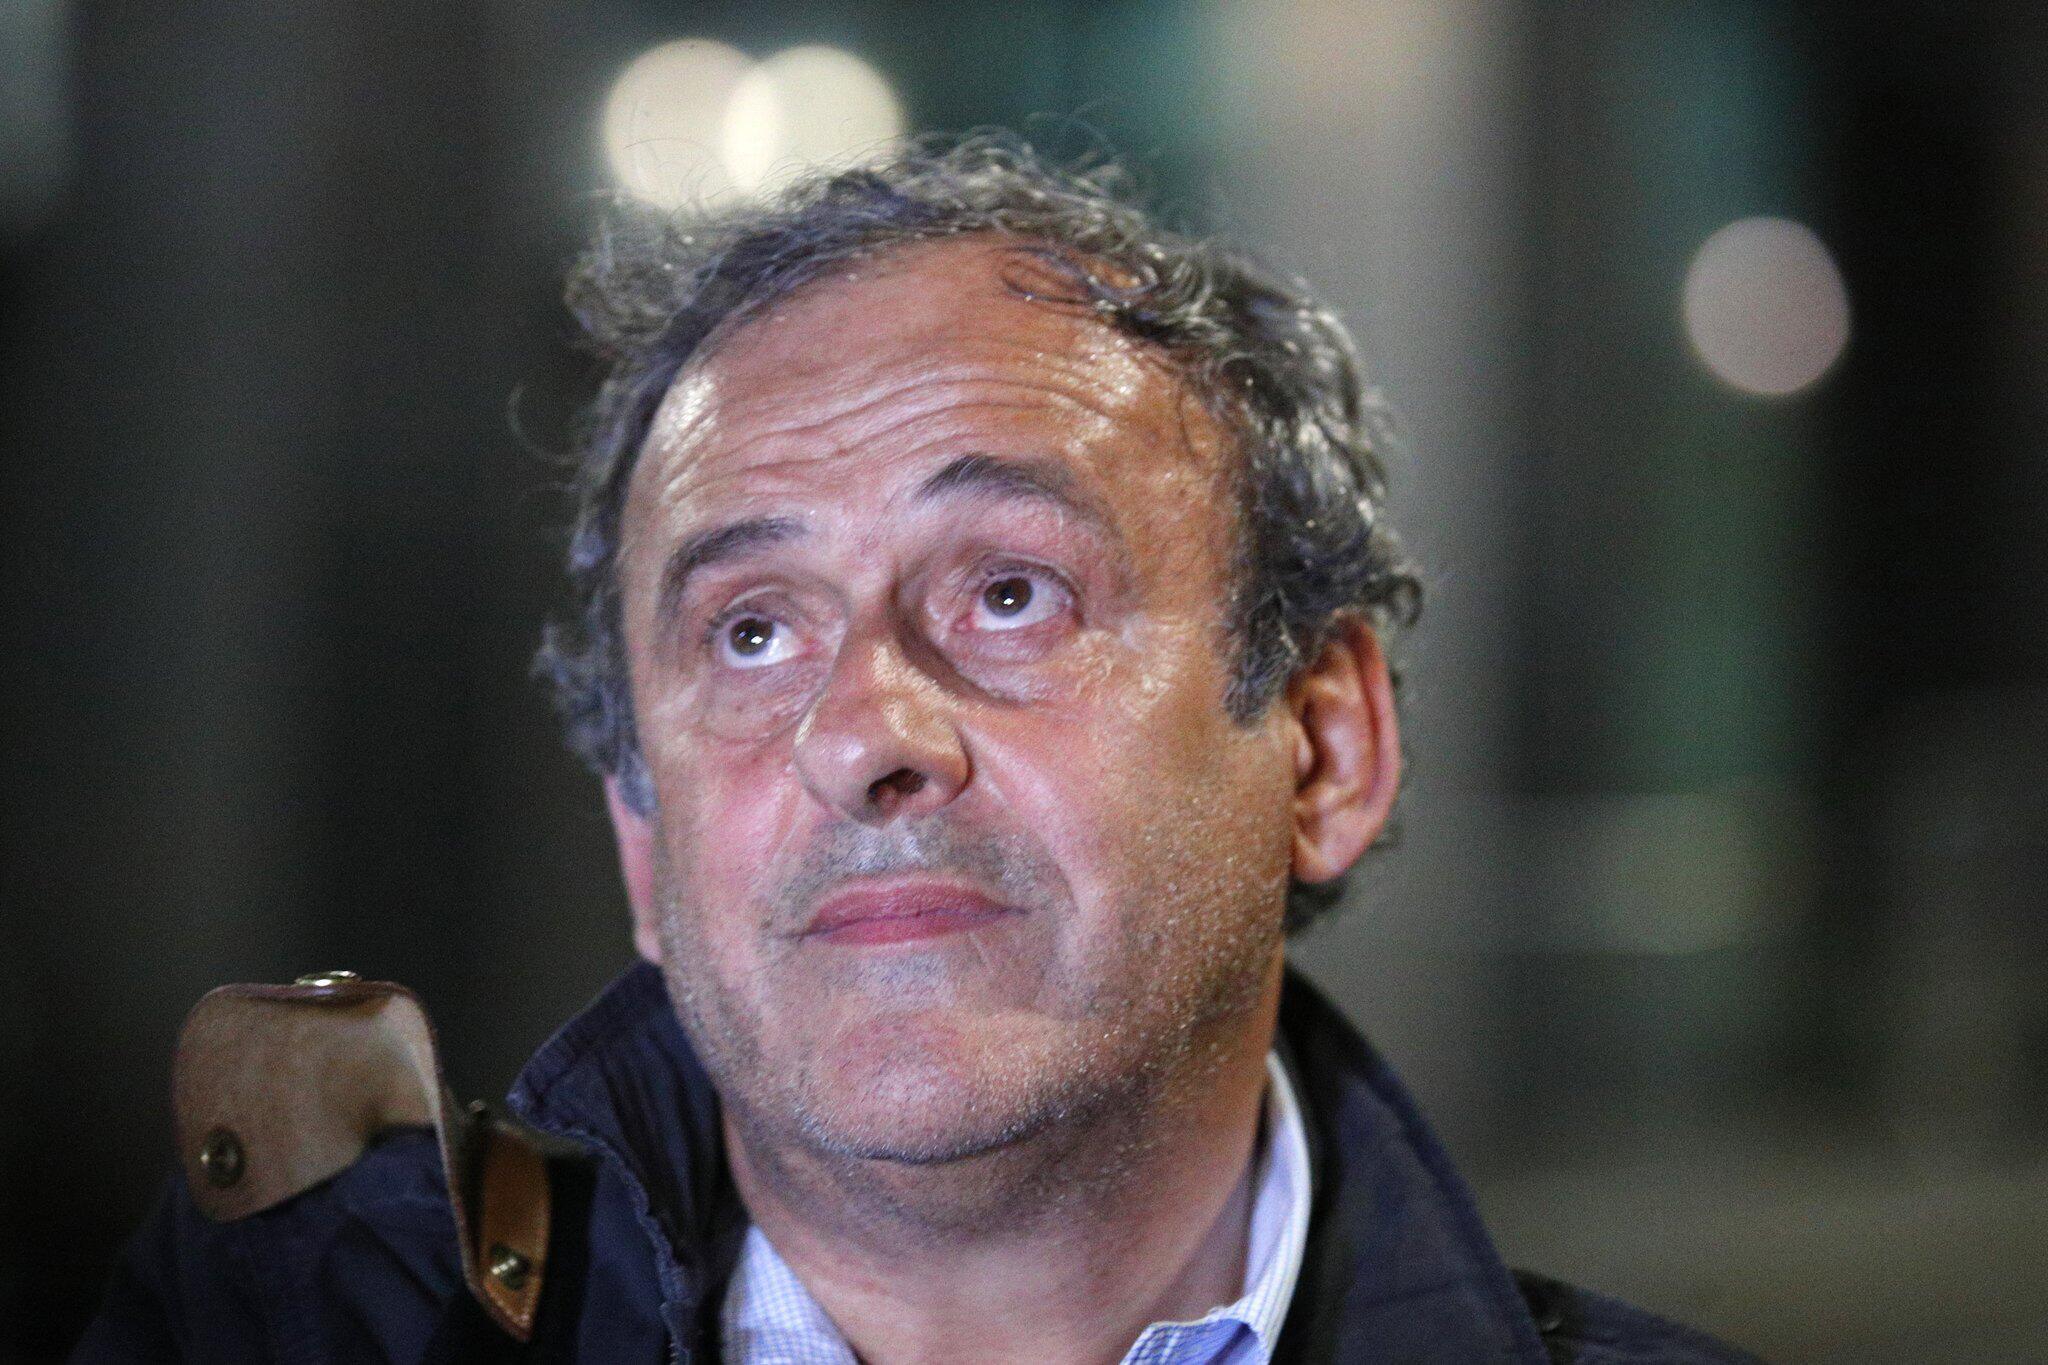 Bild zu Früherer UEFA-Präsident Platini aus Gewahrsam entlassen